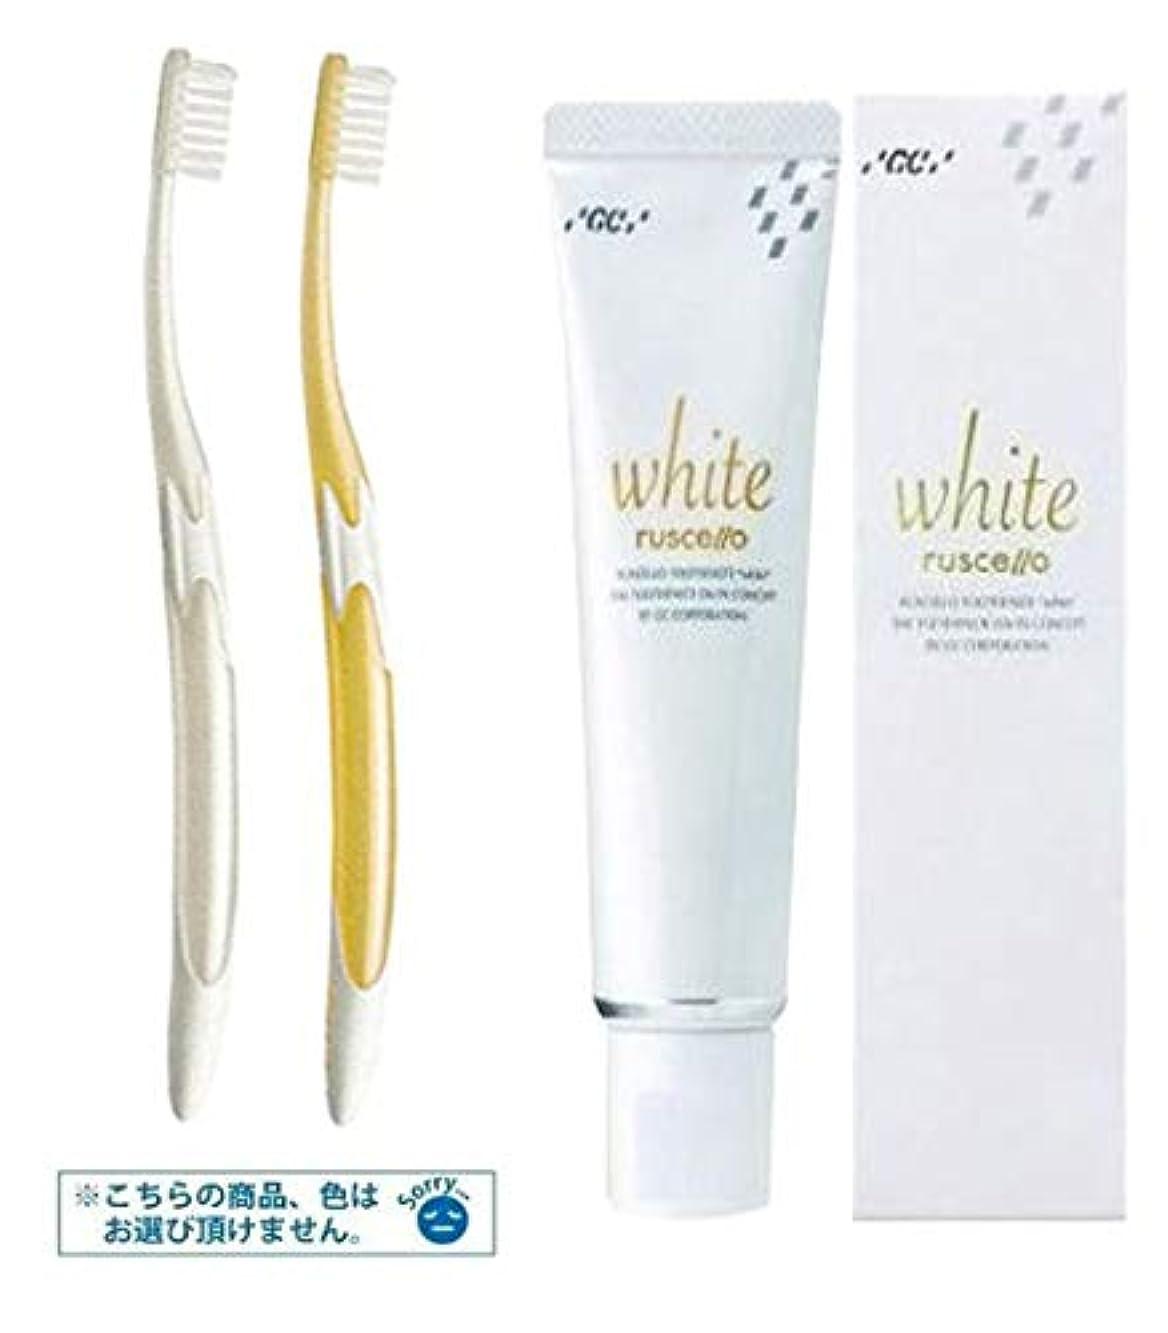 伴う痛みペルセウスGC(ジーシー) ルシェロ 歯みがきペースト ホワイト 100g 2個 + ルシェロ W-10 歯ブラシ 4本